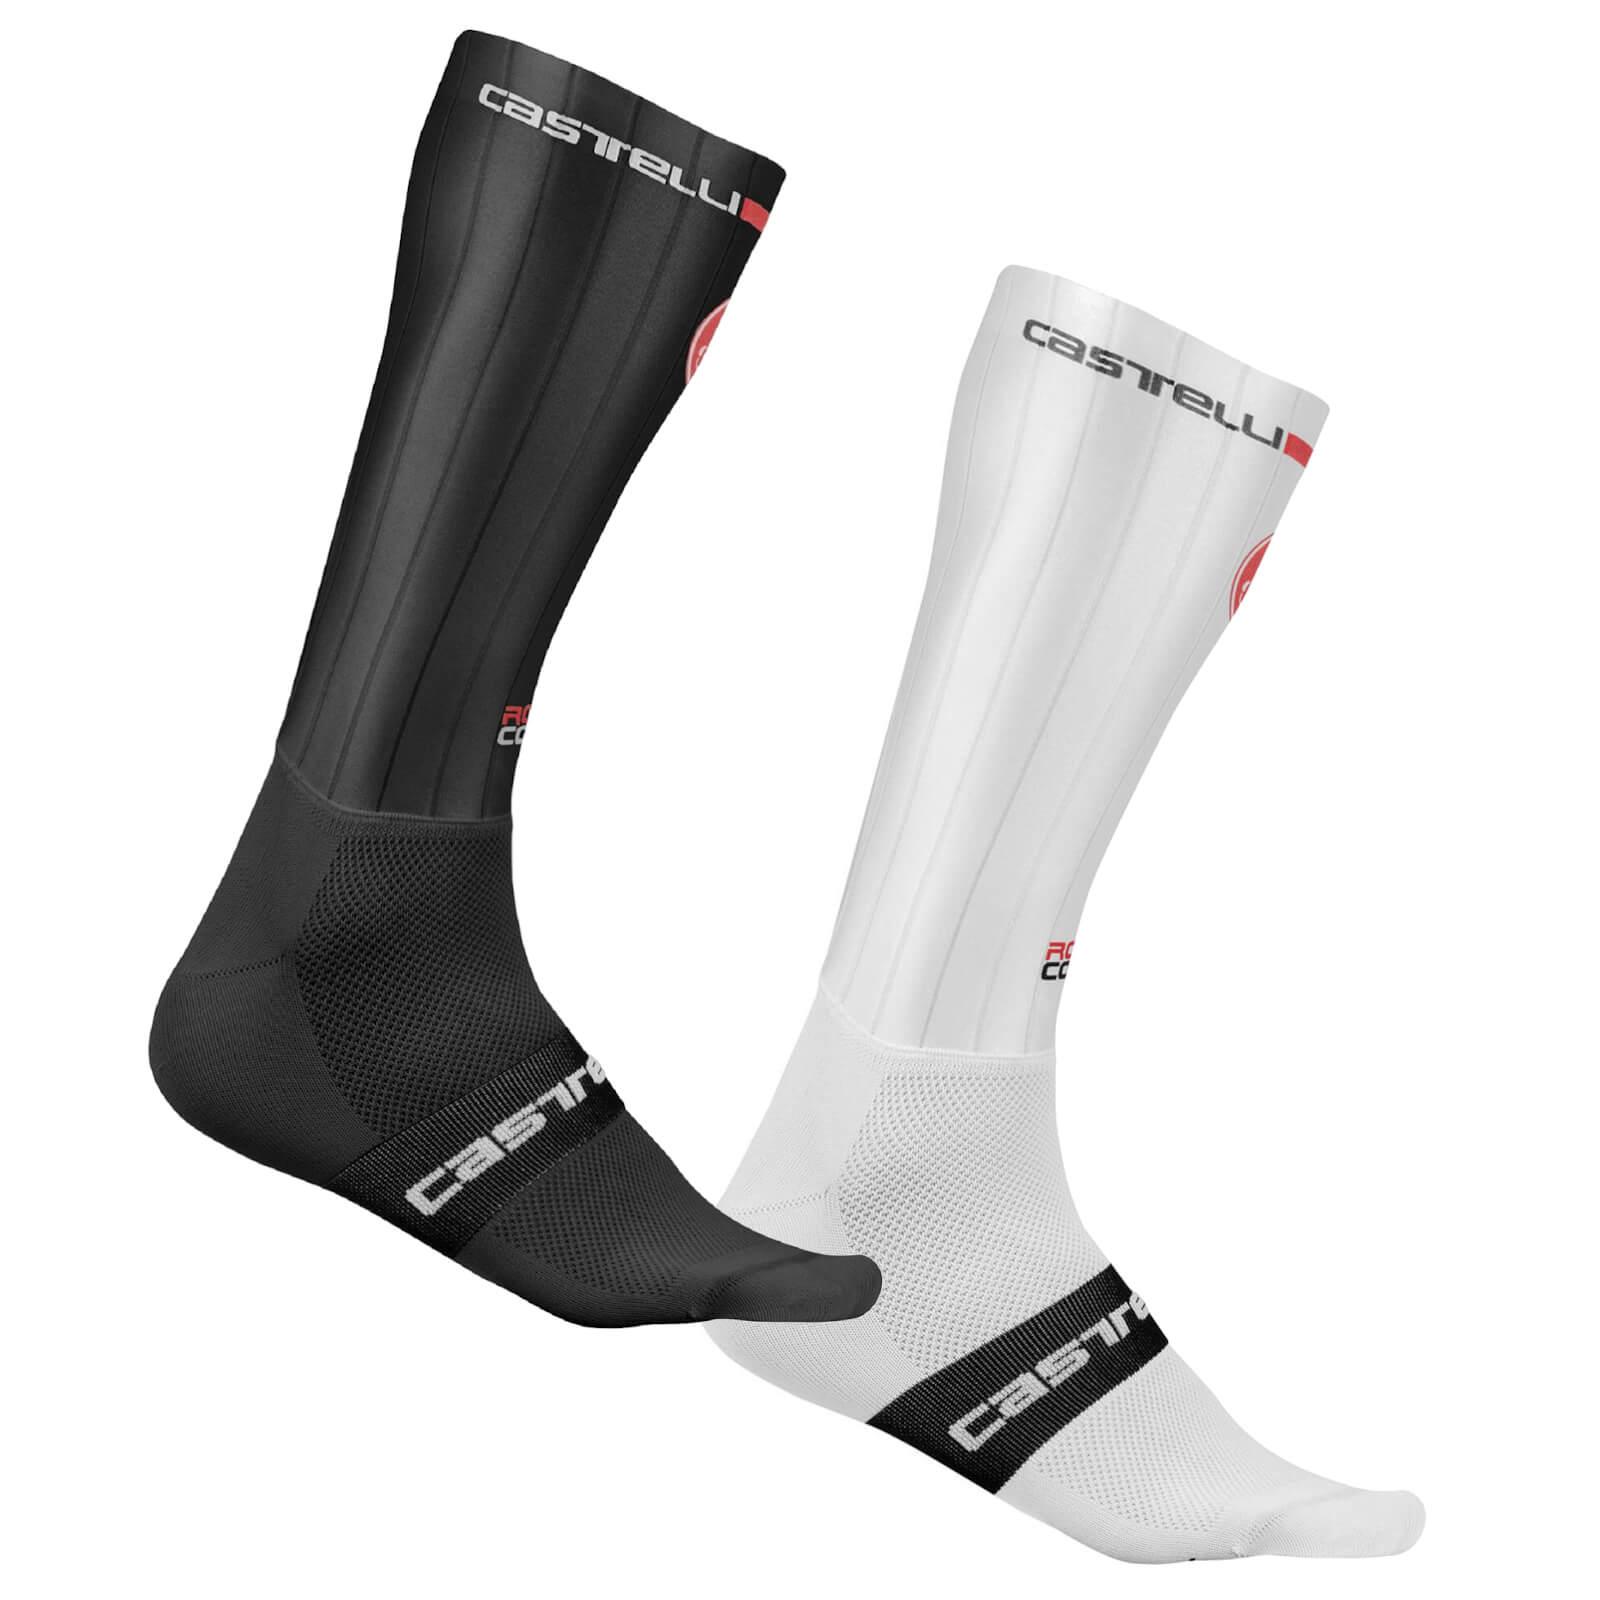 Castelli Fast Feet Socks - L-XL - White